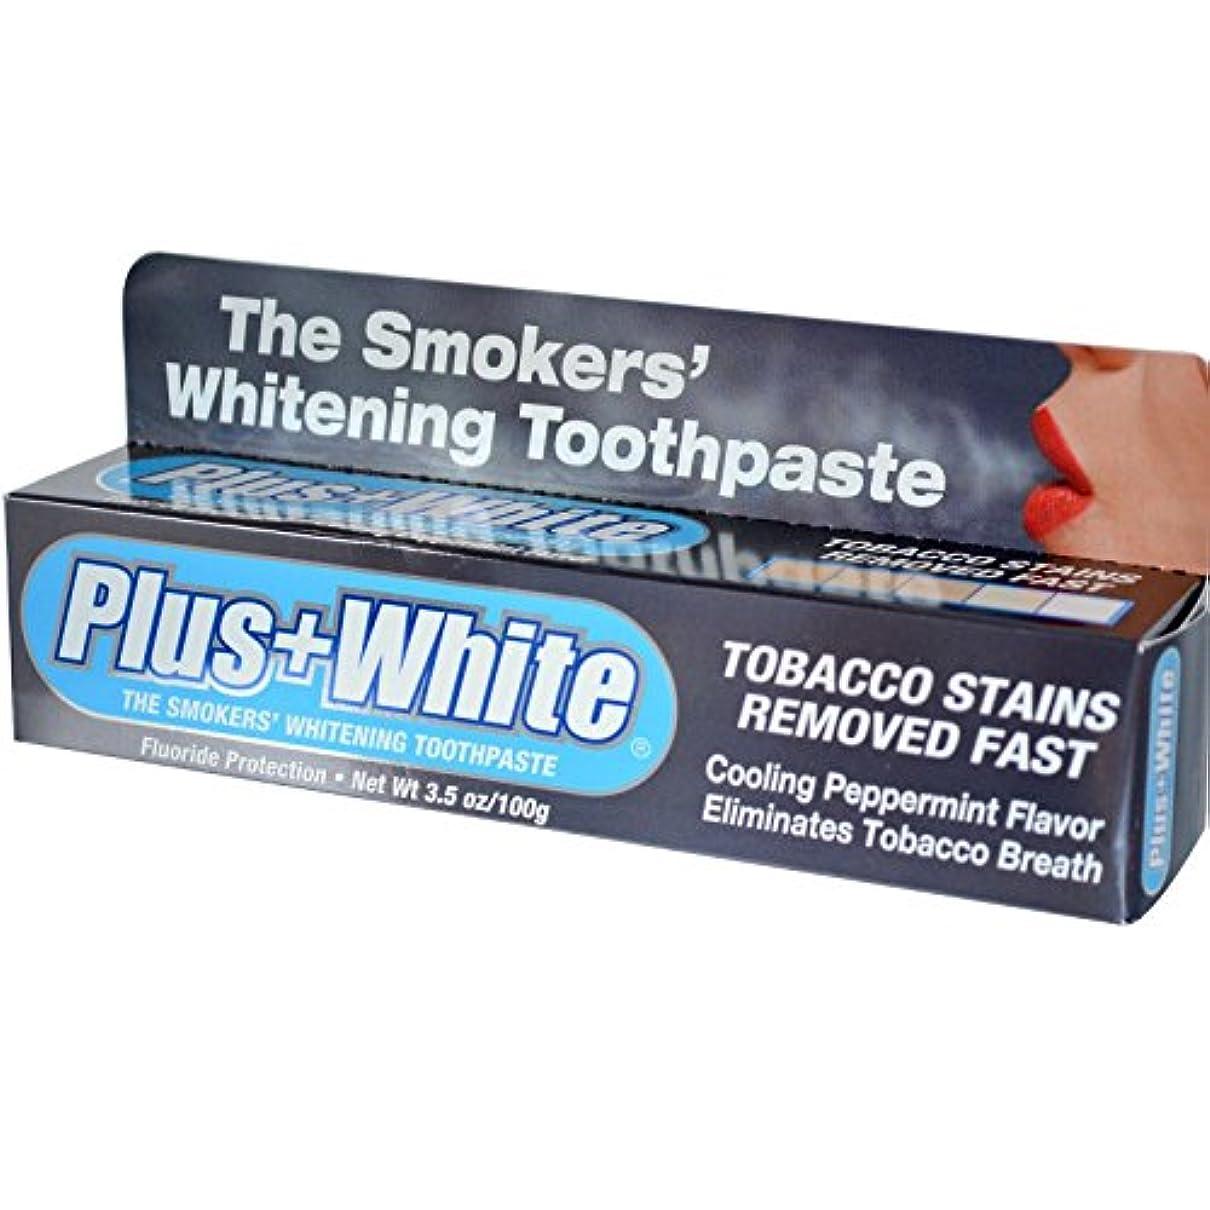 形振るうクリケットPlus White, The Smokers' Whitening Toothpaste, Cooling Peppermint Flavor, 3.5 oz (100 g)